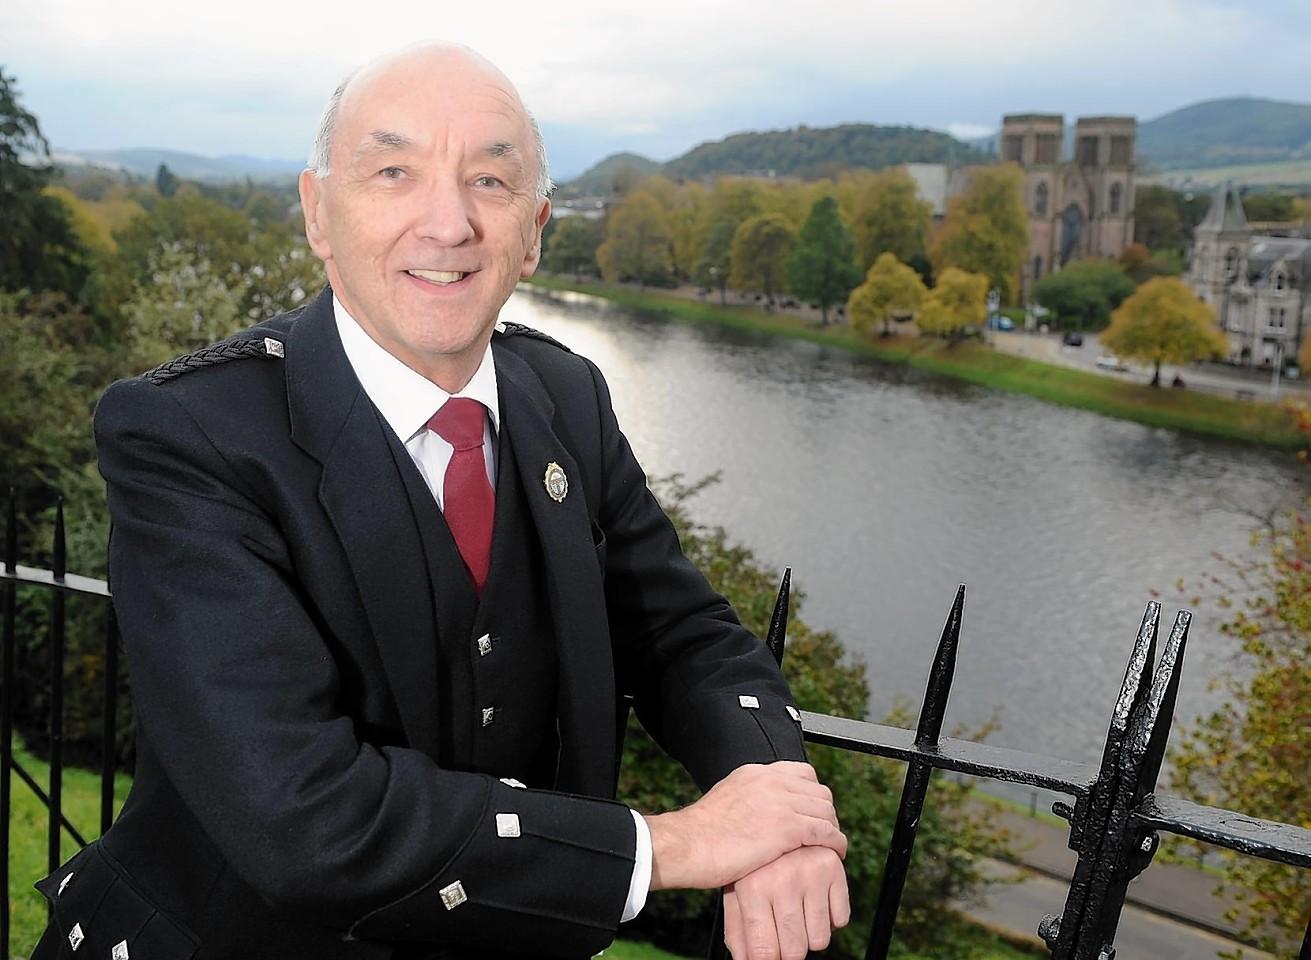 The late John Macleod